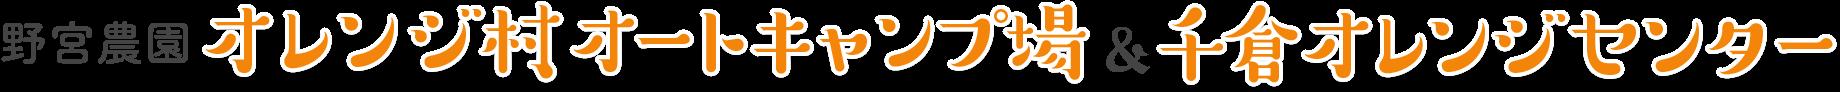 野宮農園オレンジ村オートキャンプ場